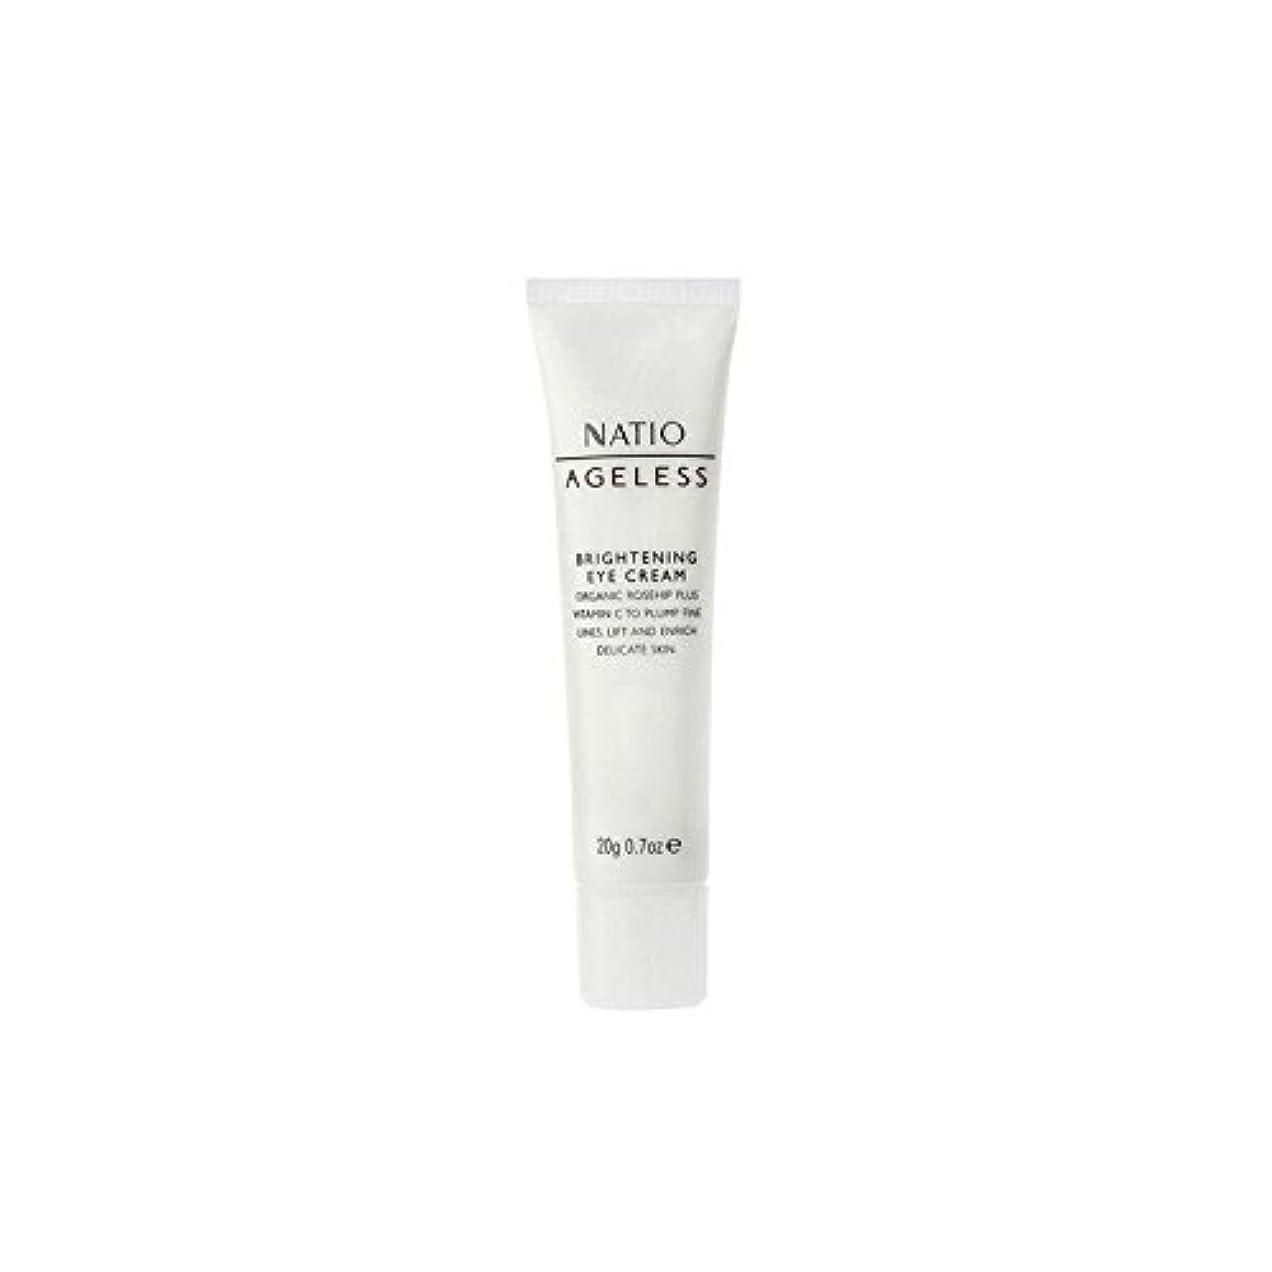 消毒する創傷公Natio Ageless Brightening Eye Cream (20G) - 永遠の白アイクリーム(20グラム) [並行輸入品]